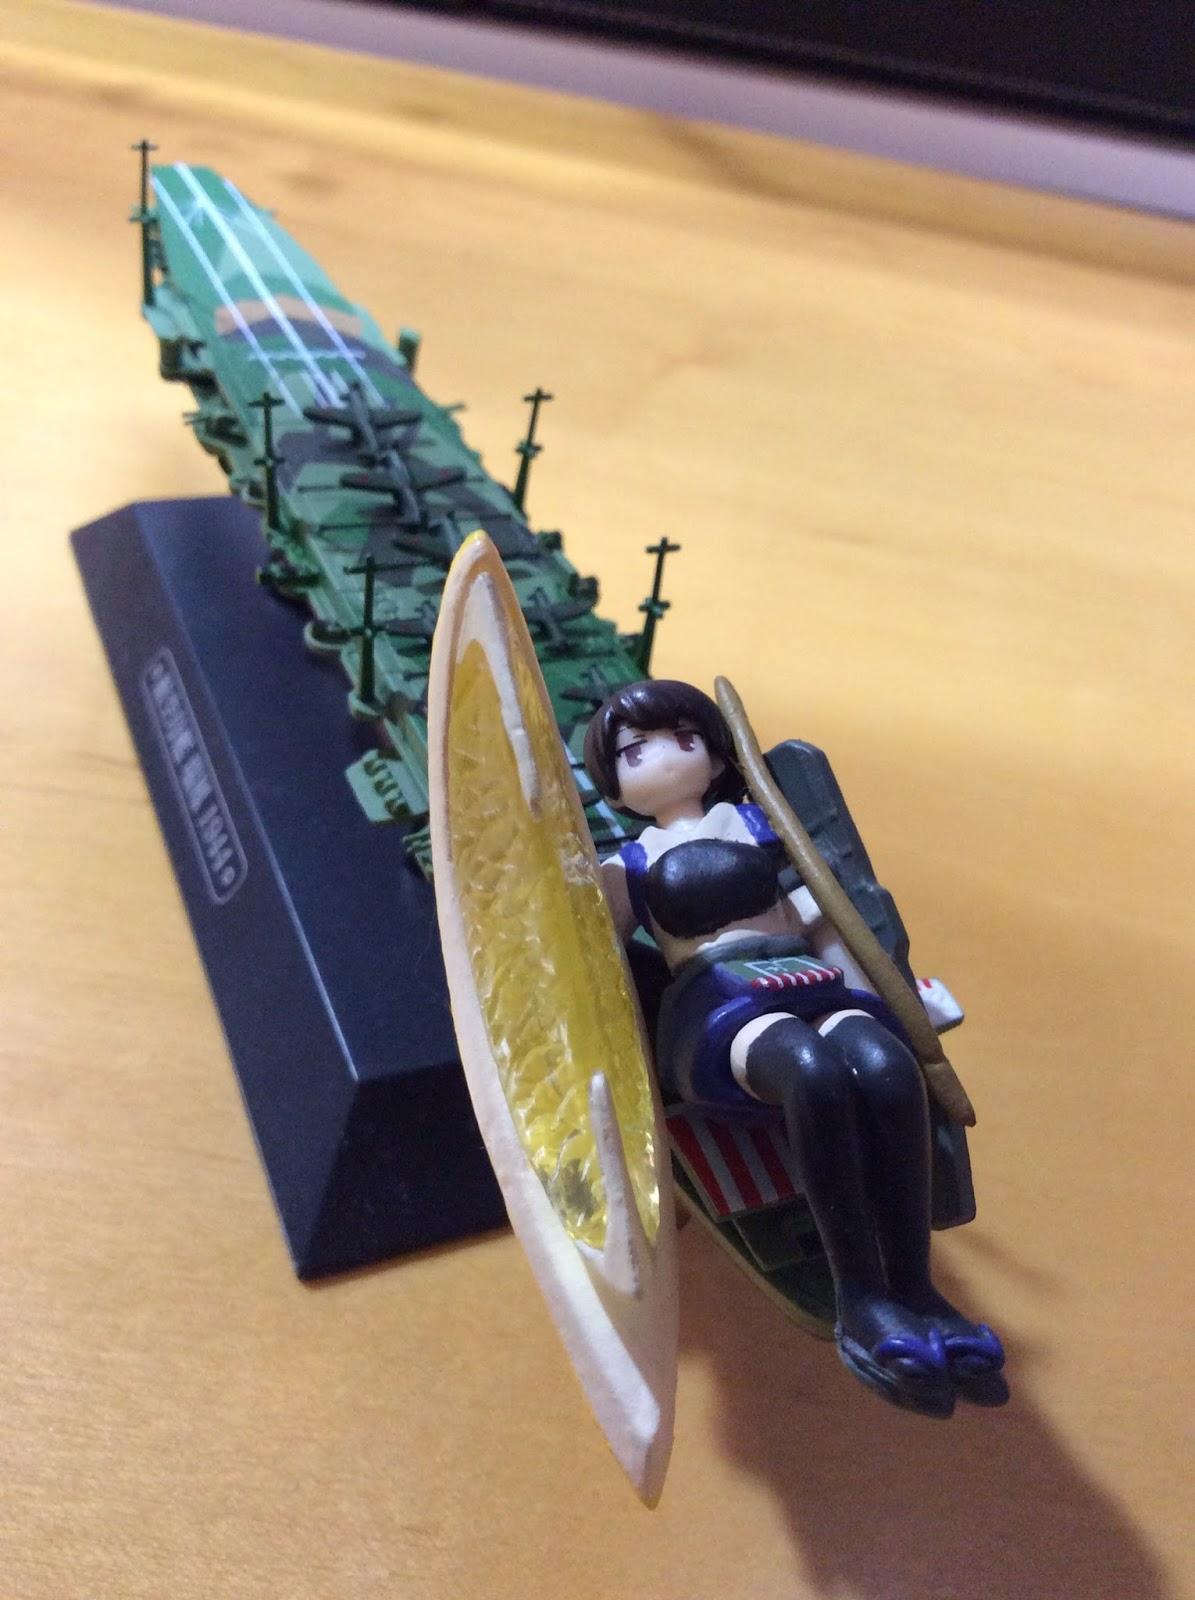 【グッズレビュー】PUTITTO series(プティットシリーズ) 艦隊これくしょん -艦これ【KADOKAWA】加賀